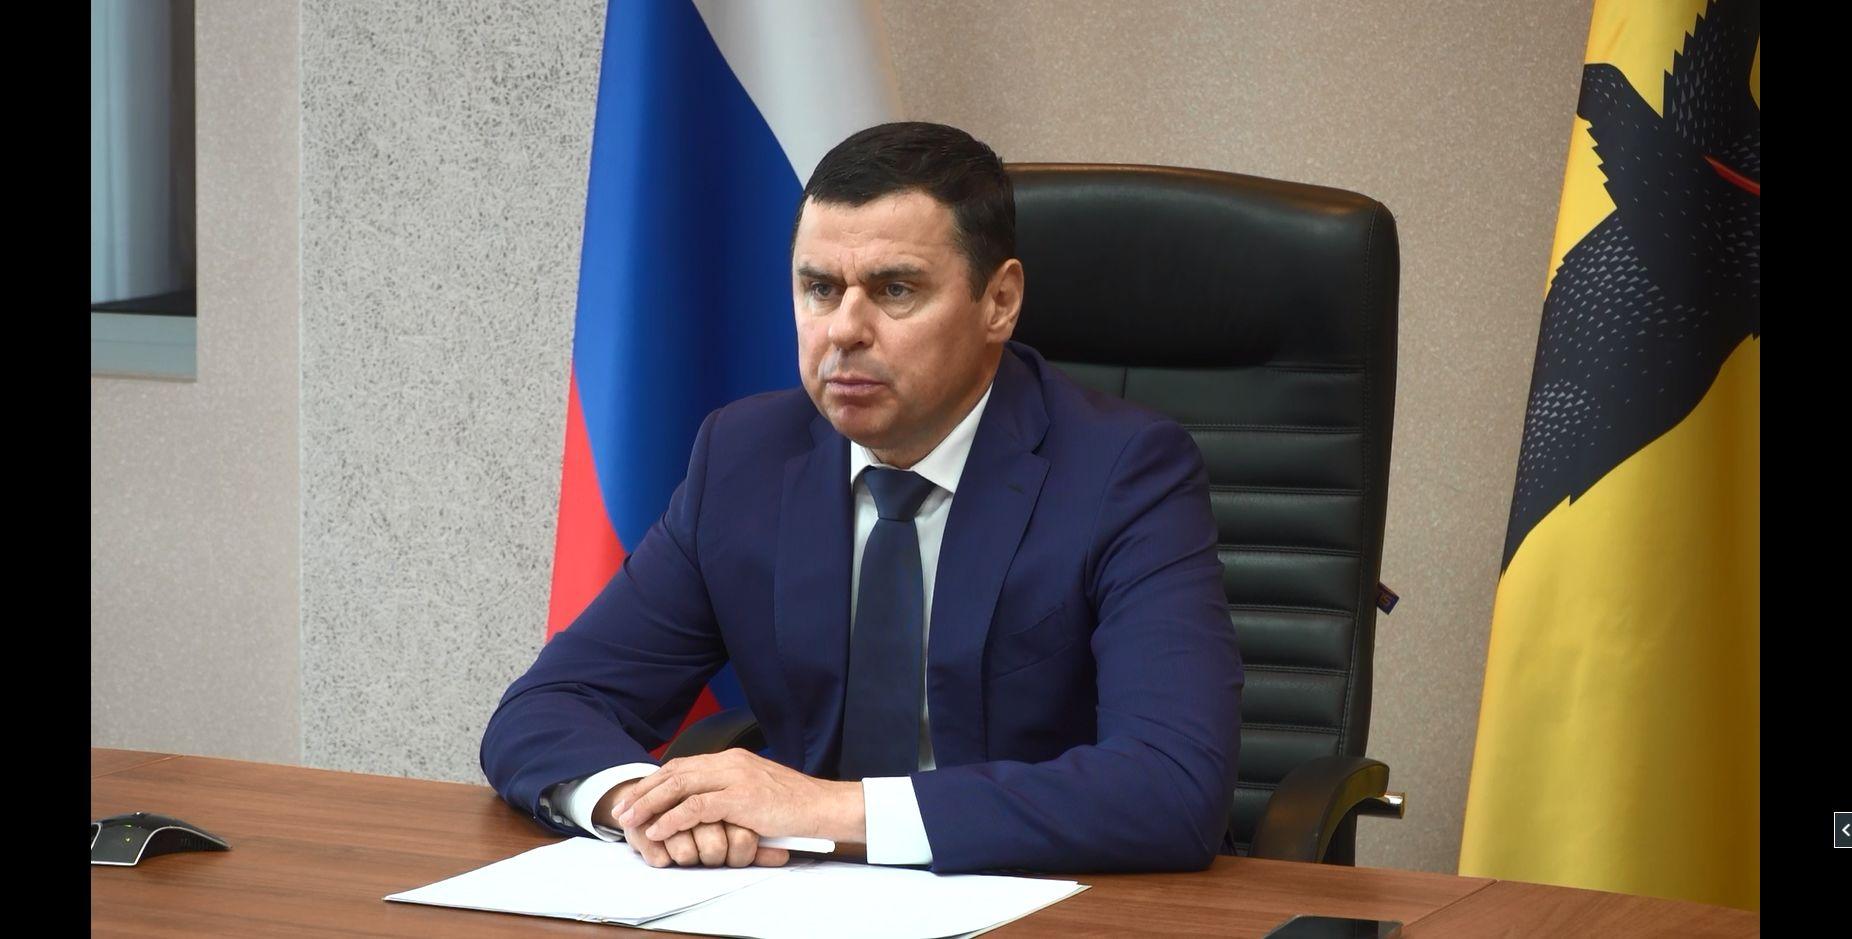 На подготовку образовательных учреждений к новому учебному году в Ярославской области выделено более 1 млрд рублей